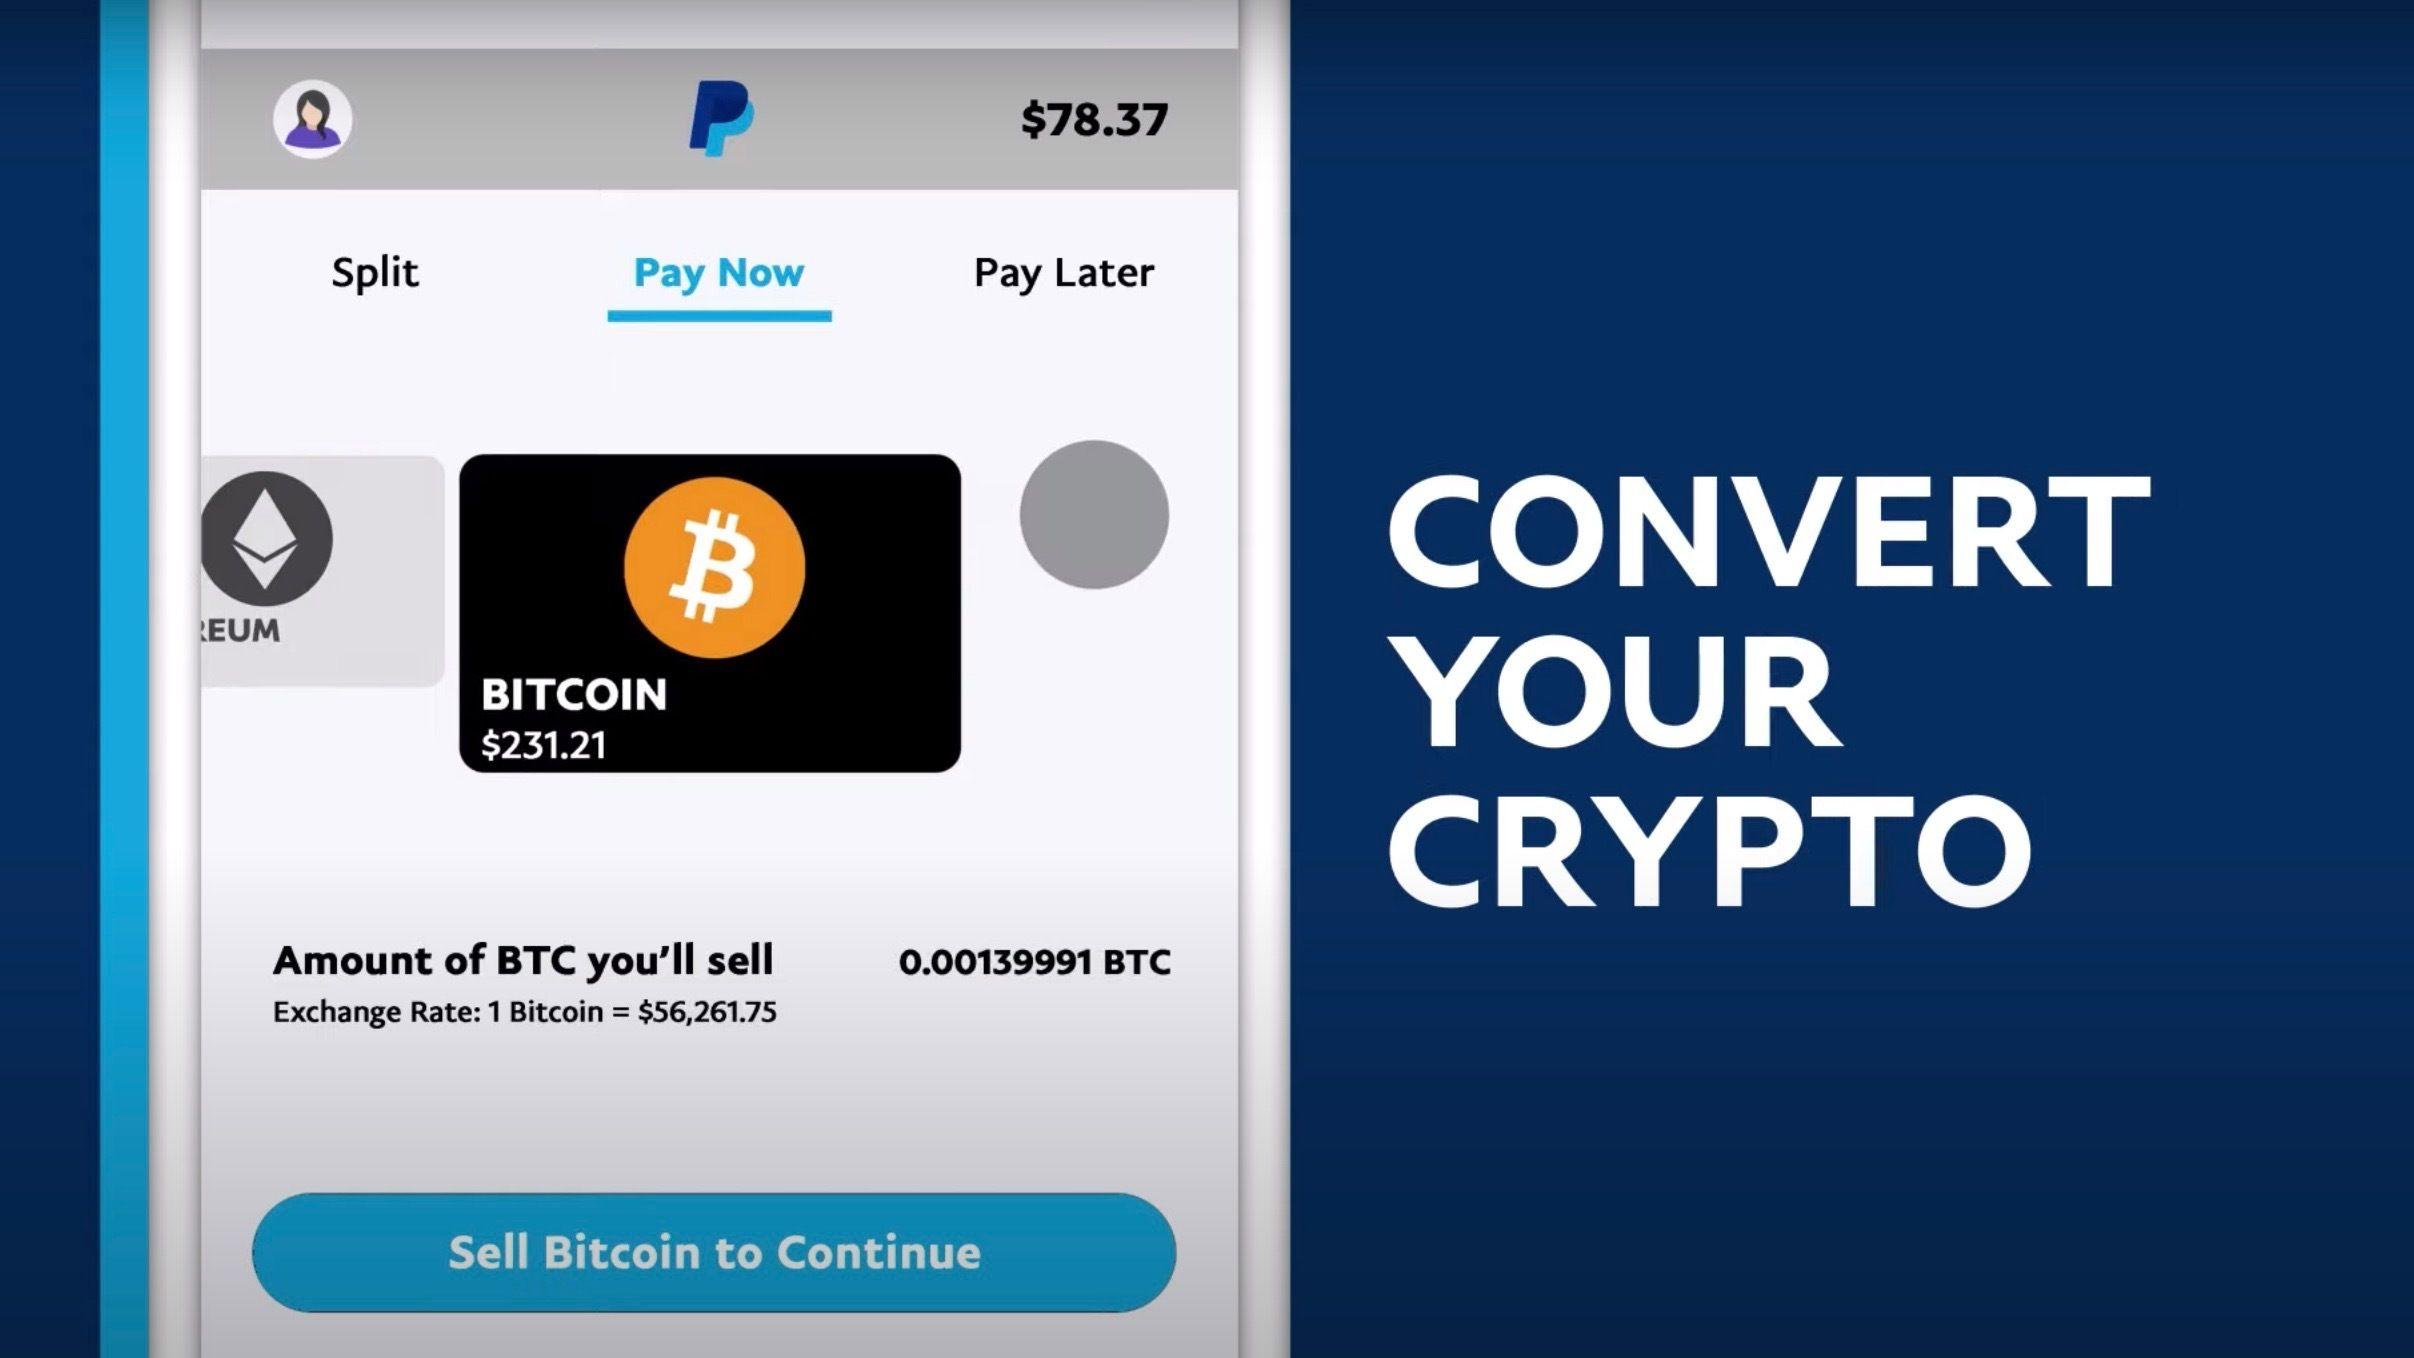 comercianții vă permit să tranzacționați criptocurrency bitcoin